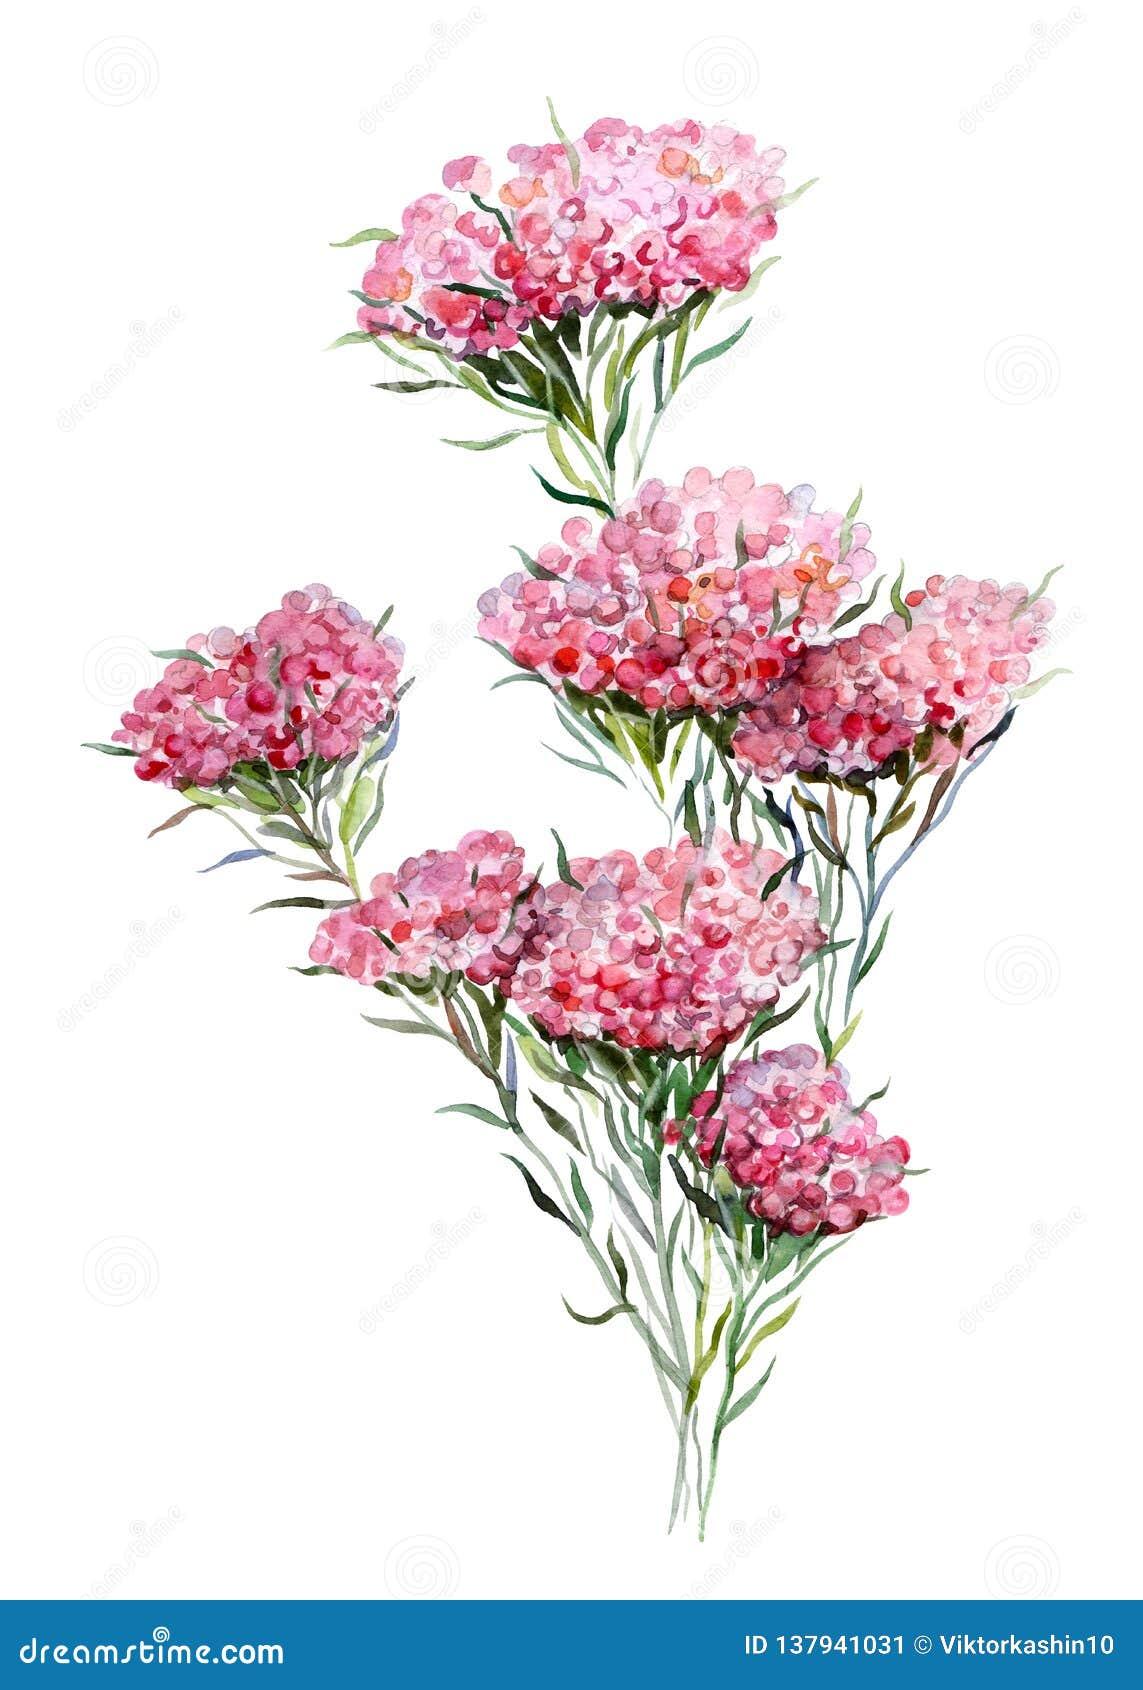 Λουλούδι ρυζιού Handdrawn απεικόνιση watercolor των εγκαταστάσεων απομονωμένο αντικείμενο Στοιχείο για το σχέδιο των ευχετήριων κ